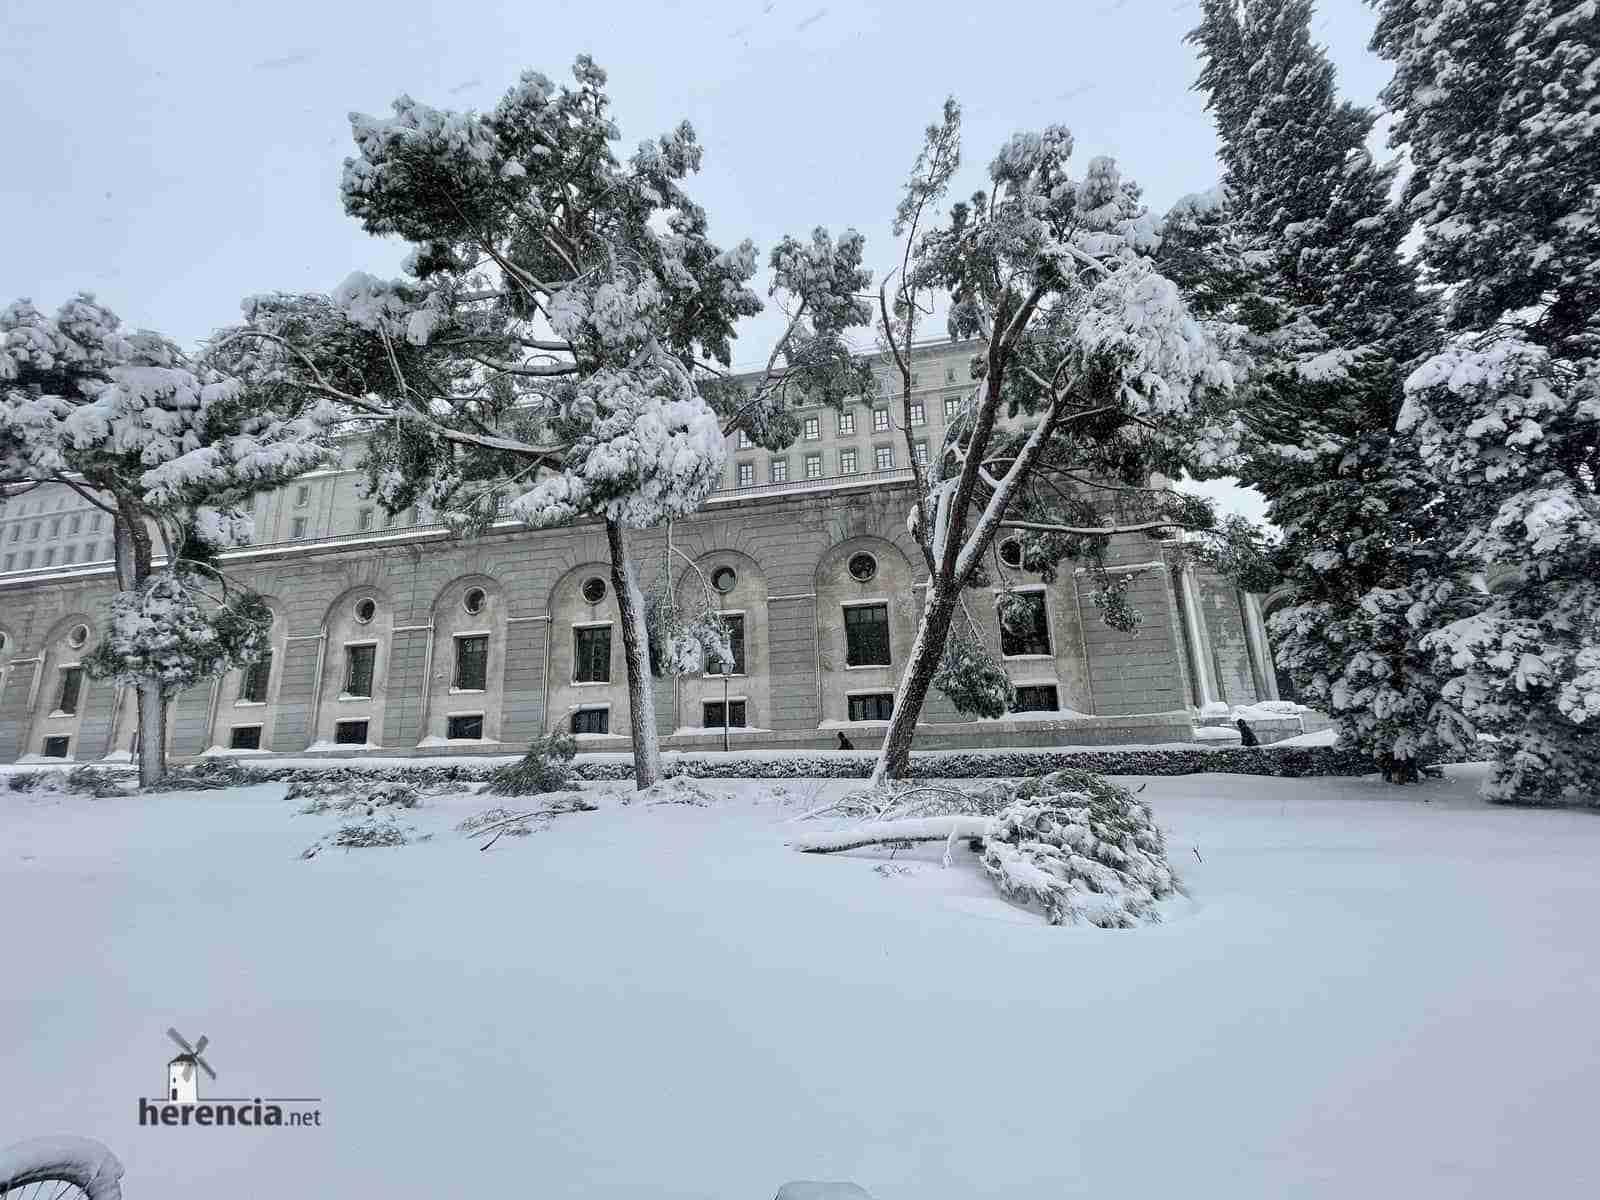 Fotografías de la nevada de enero en Madrid (España) 203